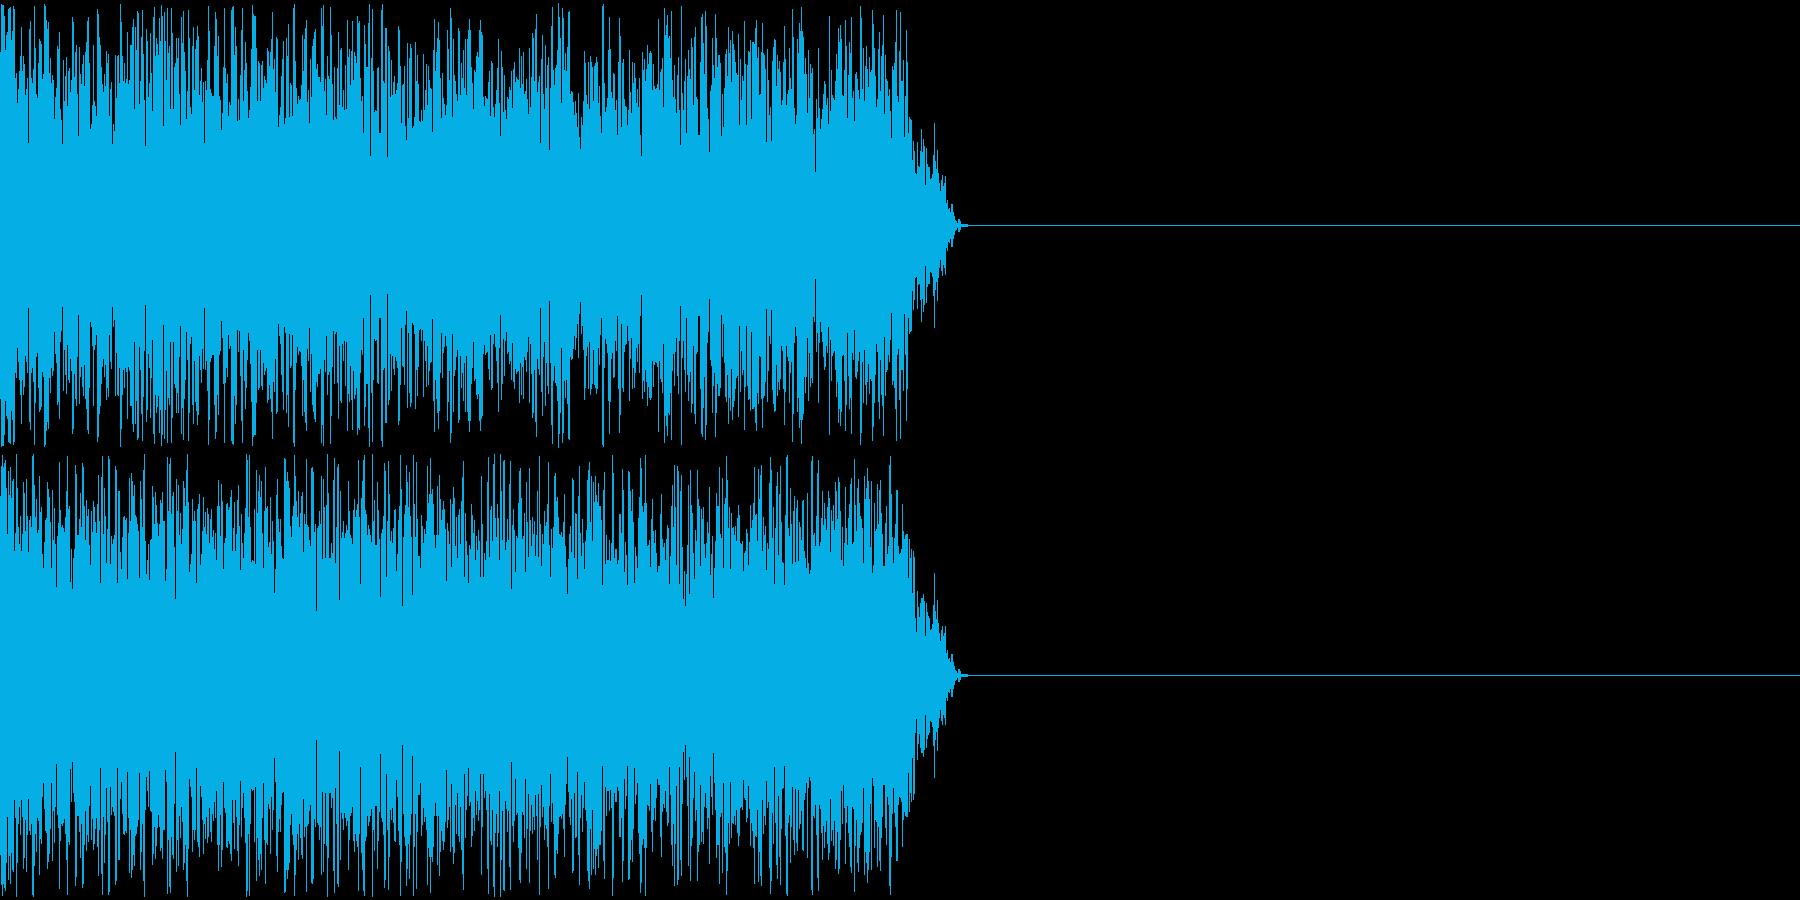 ピャー(レーザーを照射しているような)の再生済みの波形